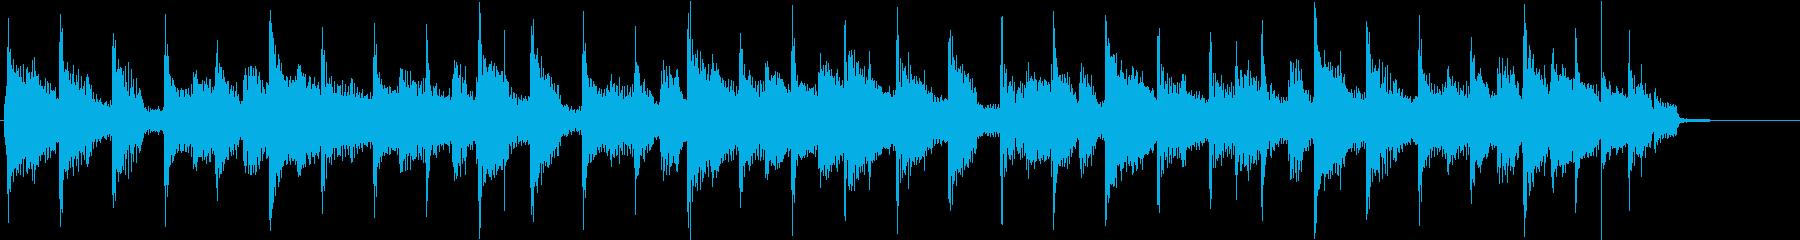 80年代のユーミン風コーナータイトルの再生済みの波形